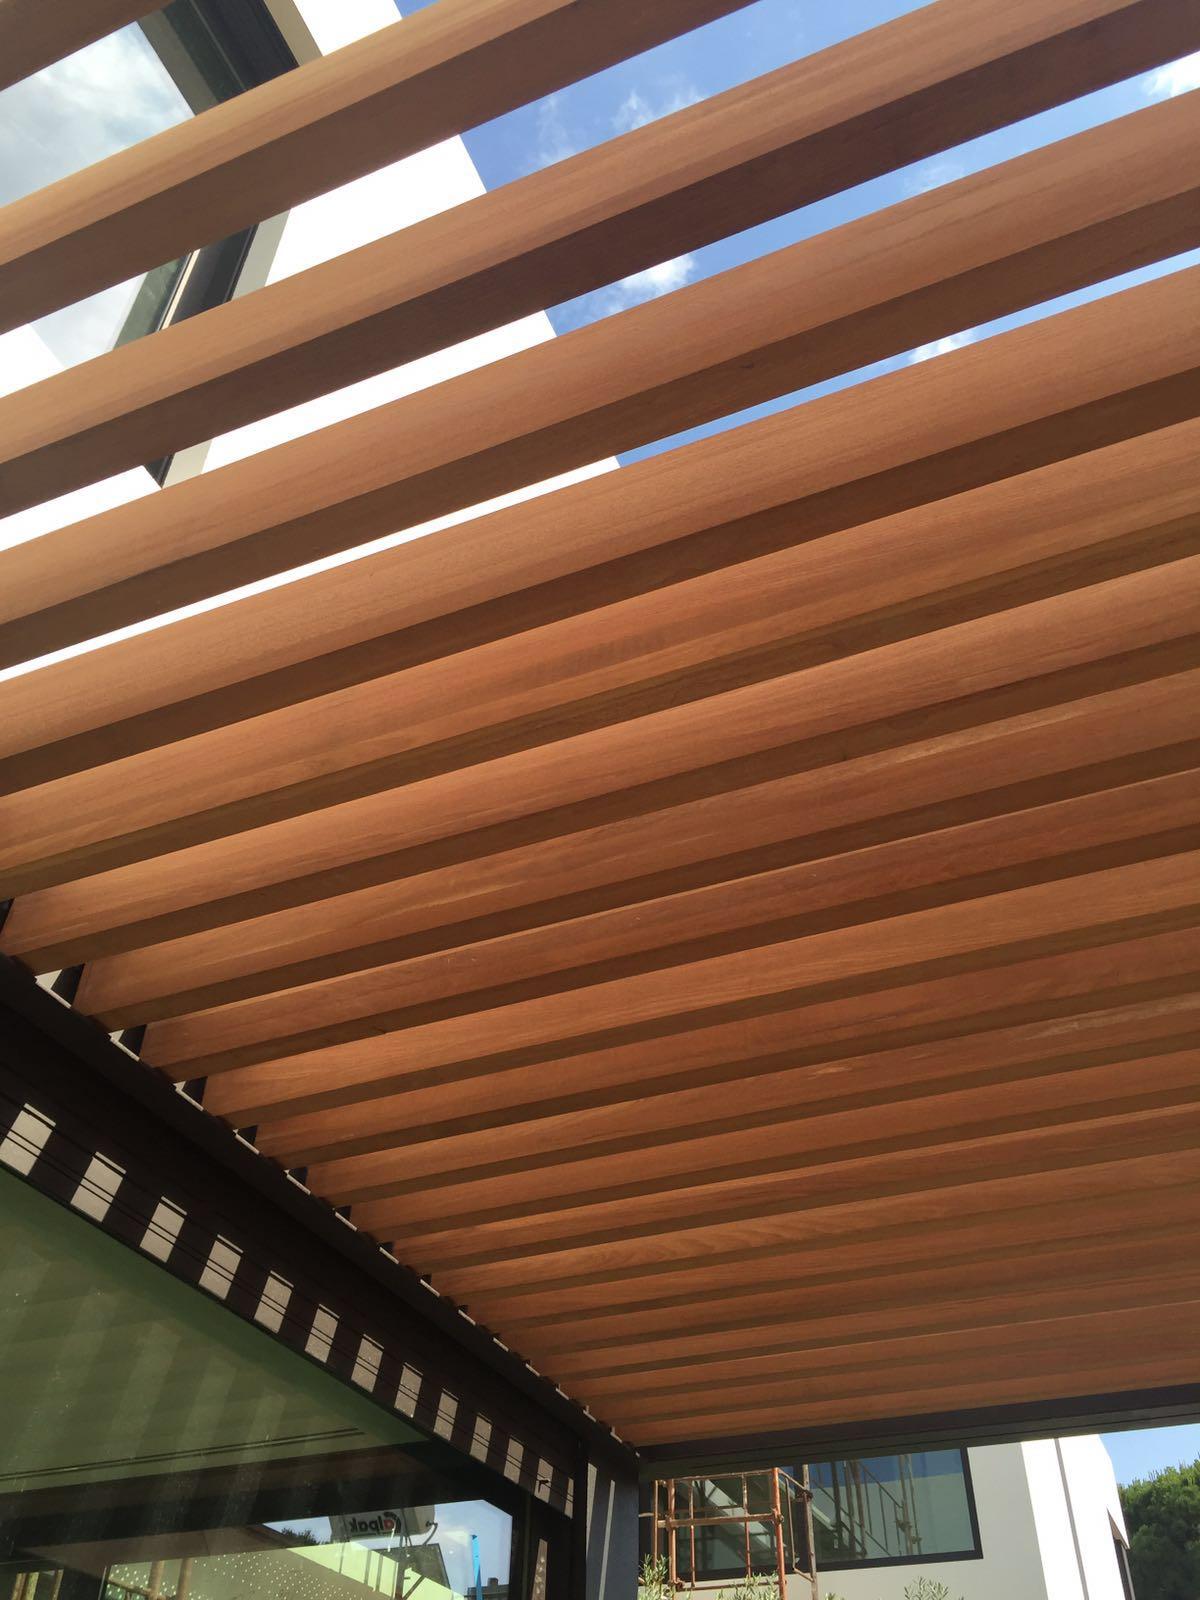 Σύθνετη ξυλεία Νιαγκόν σε πέργκολα σε μονοκατοικία στην Φιλοθέη - Έργα Αντωνόπουλος